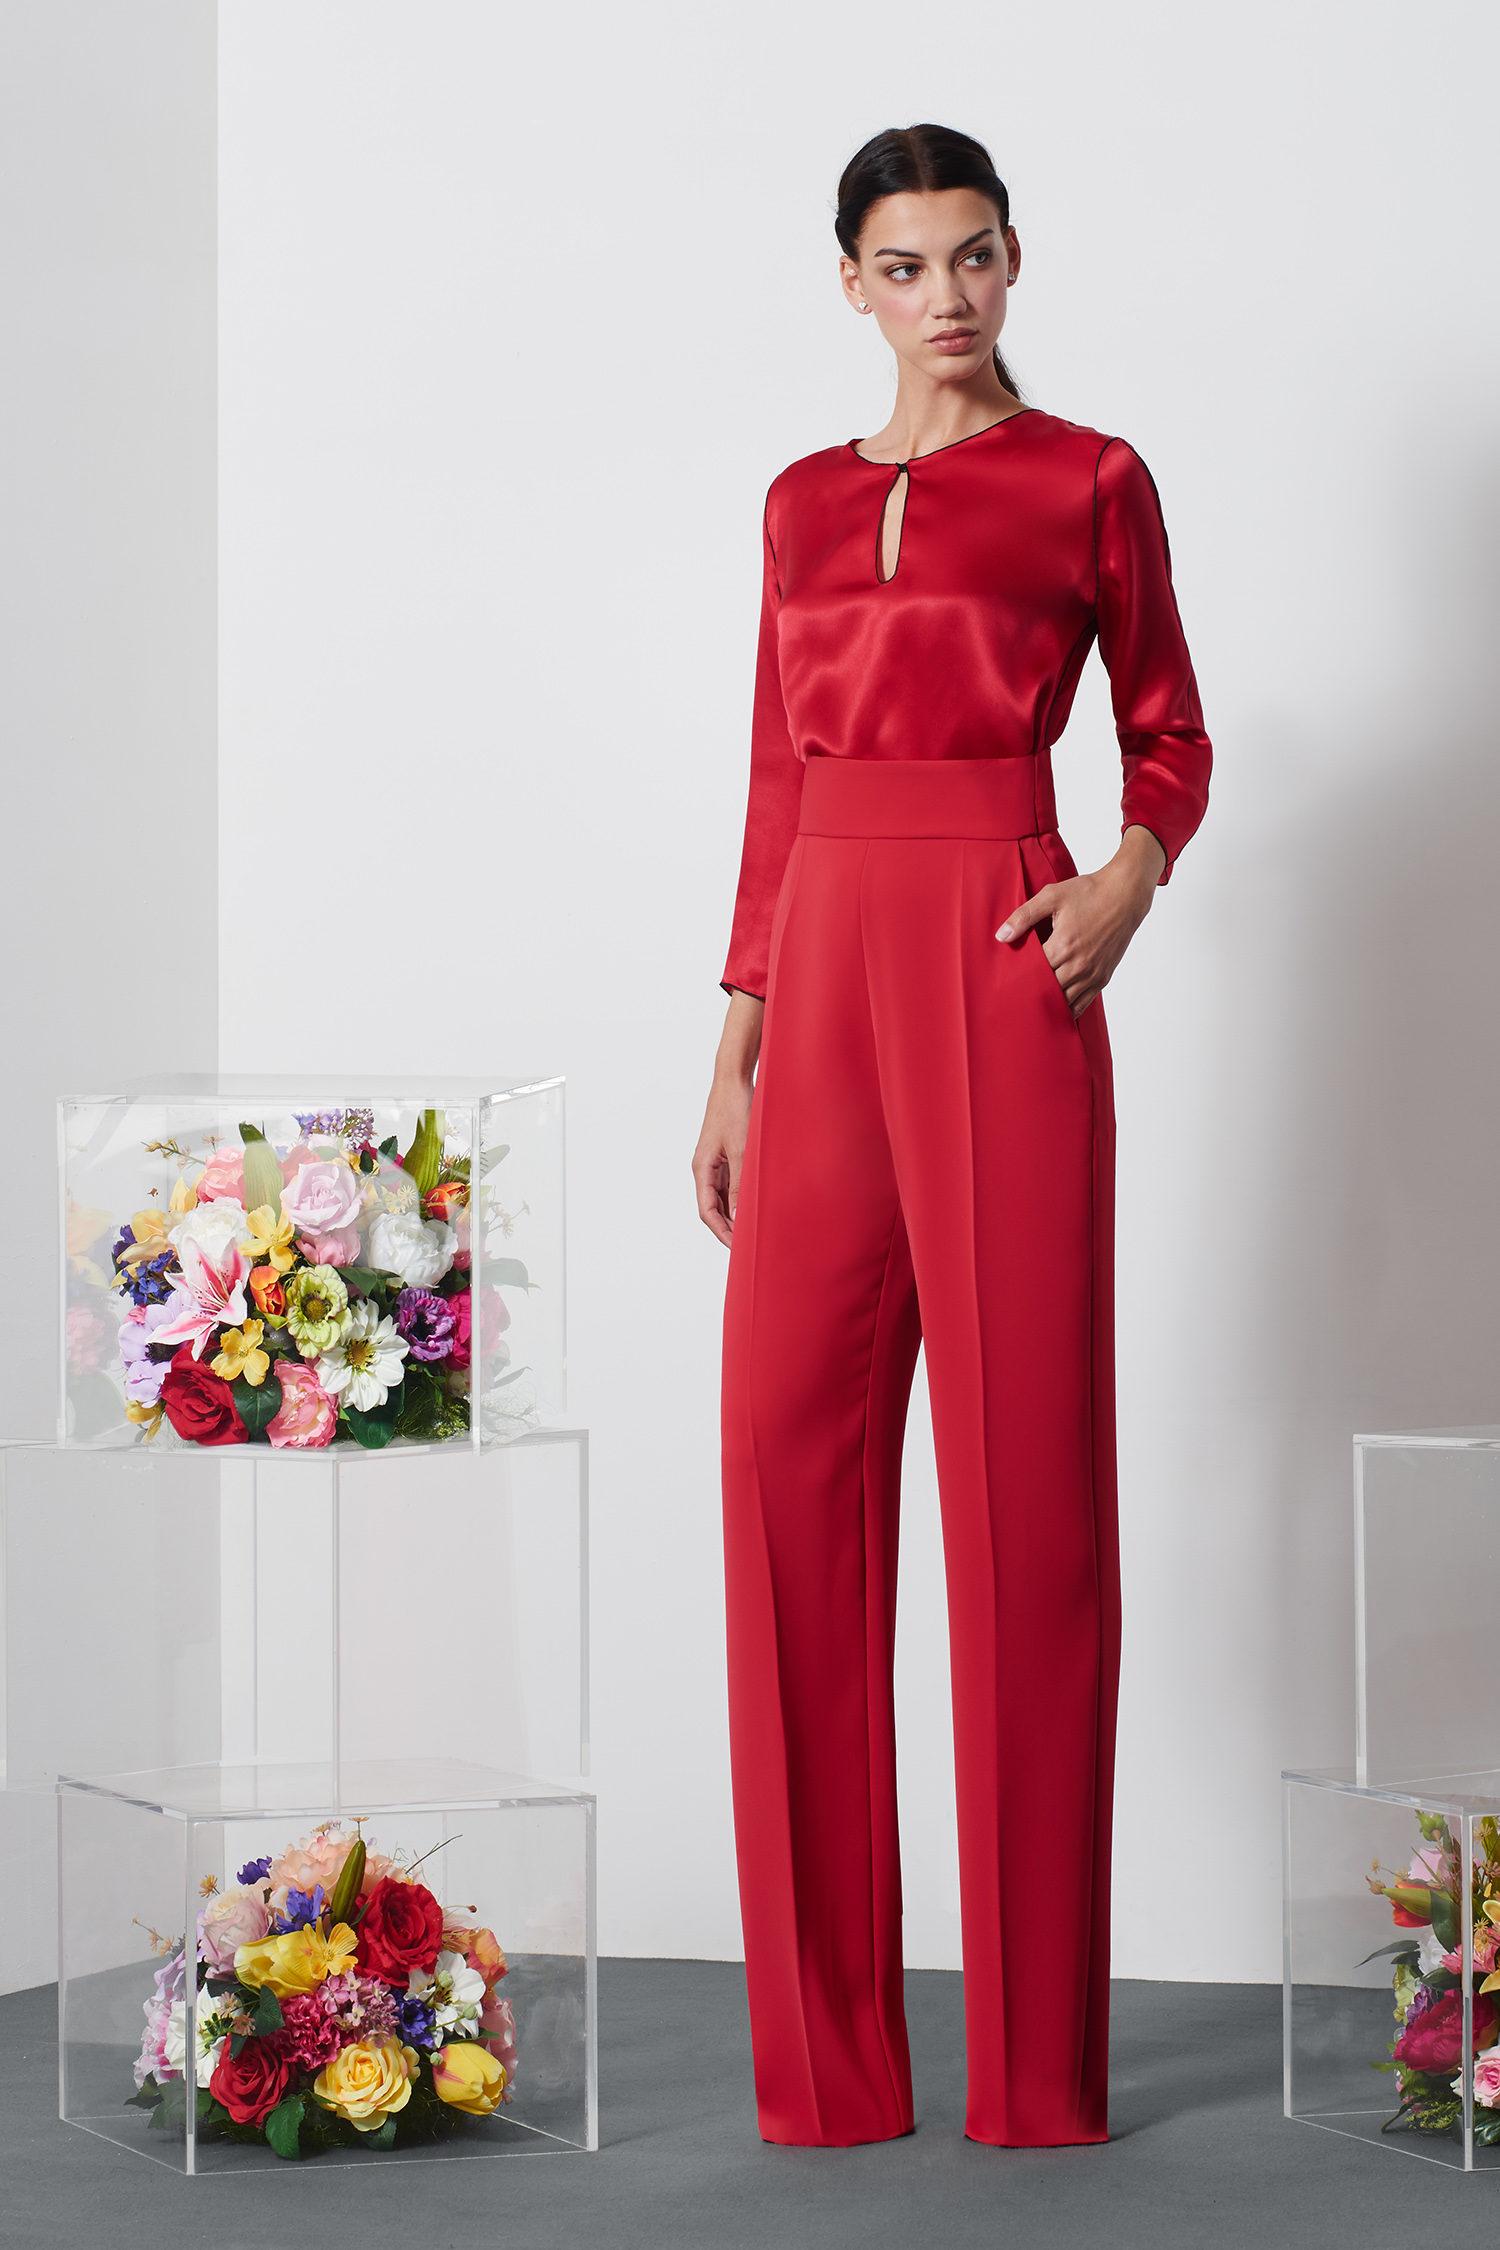 completo rosso pantalone